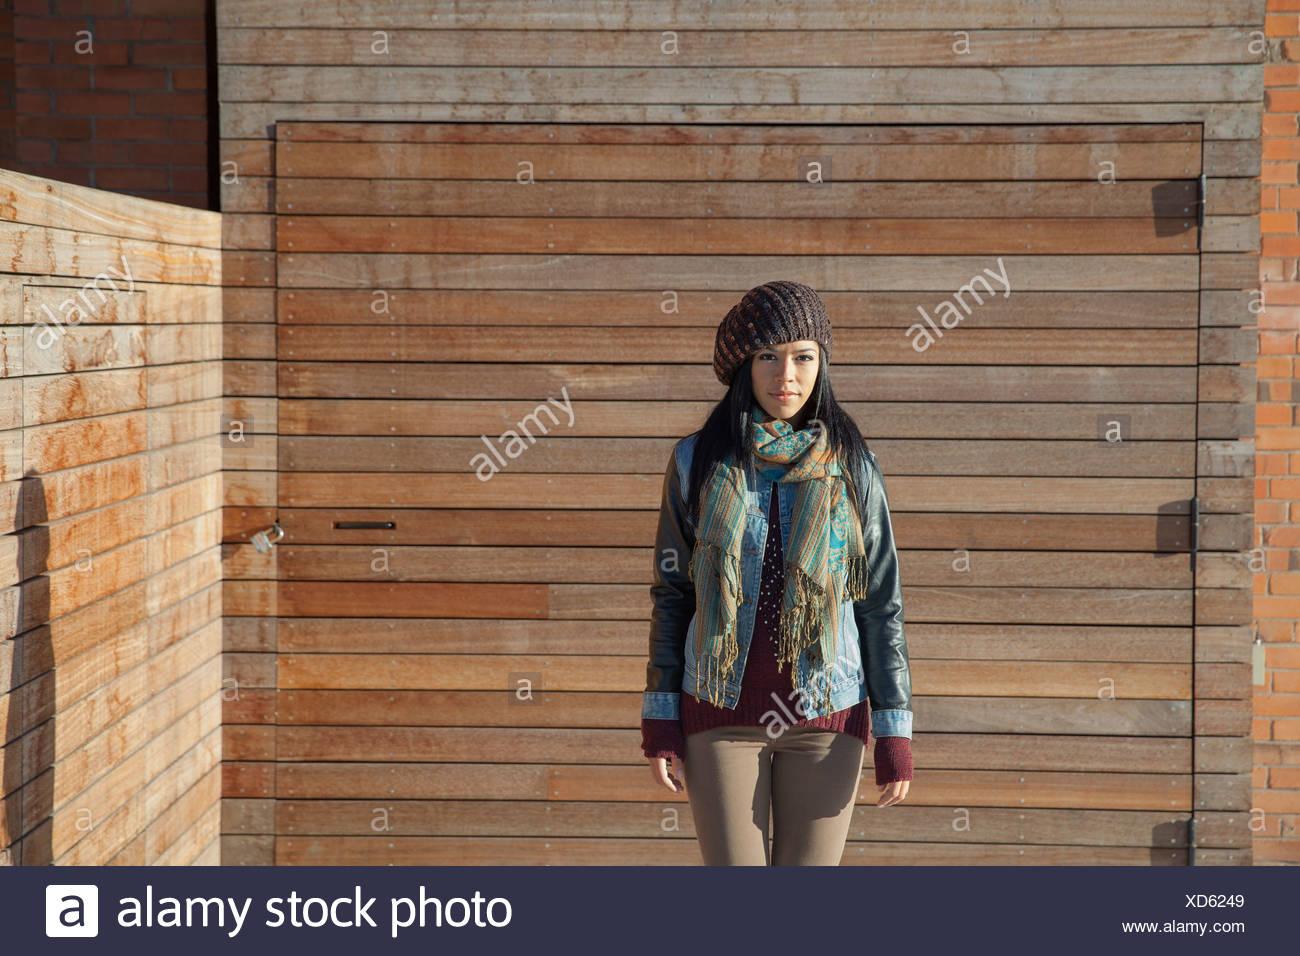 Mujer de pie con paneles de madera en el exterior Imagen De Stock